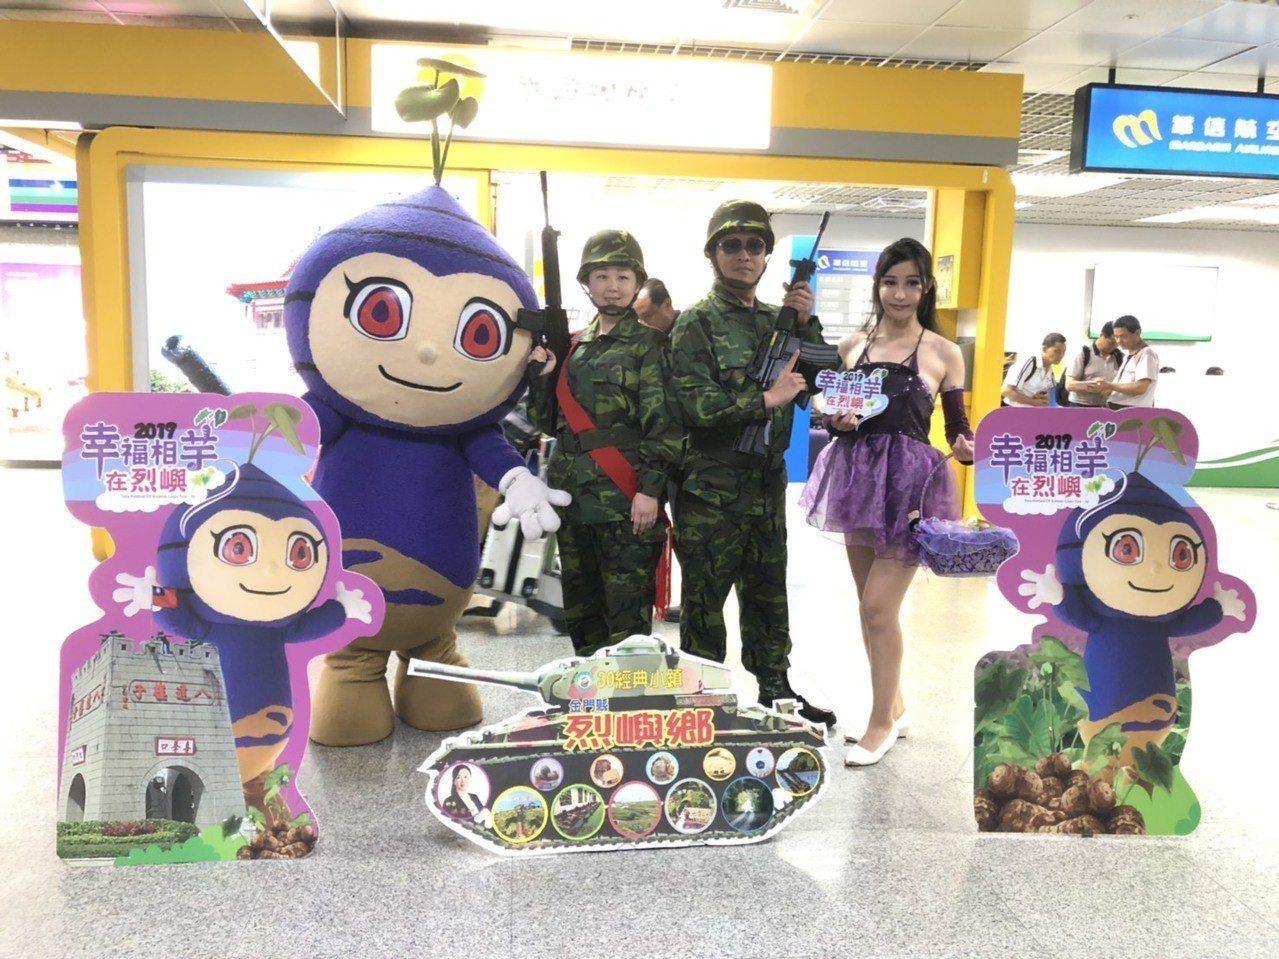 烈嶼鄉長洪若珊(左二)今天身著迷彩裝與同事手持模型步槍,表演大頭兵進場,另外還有...